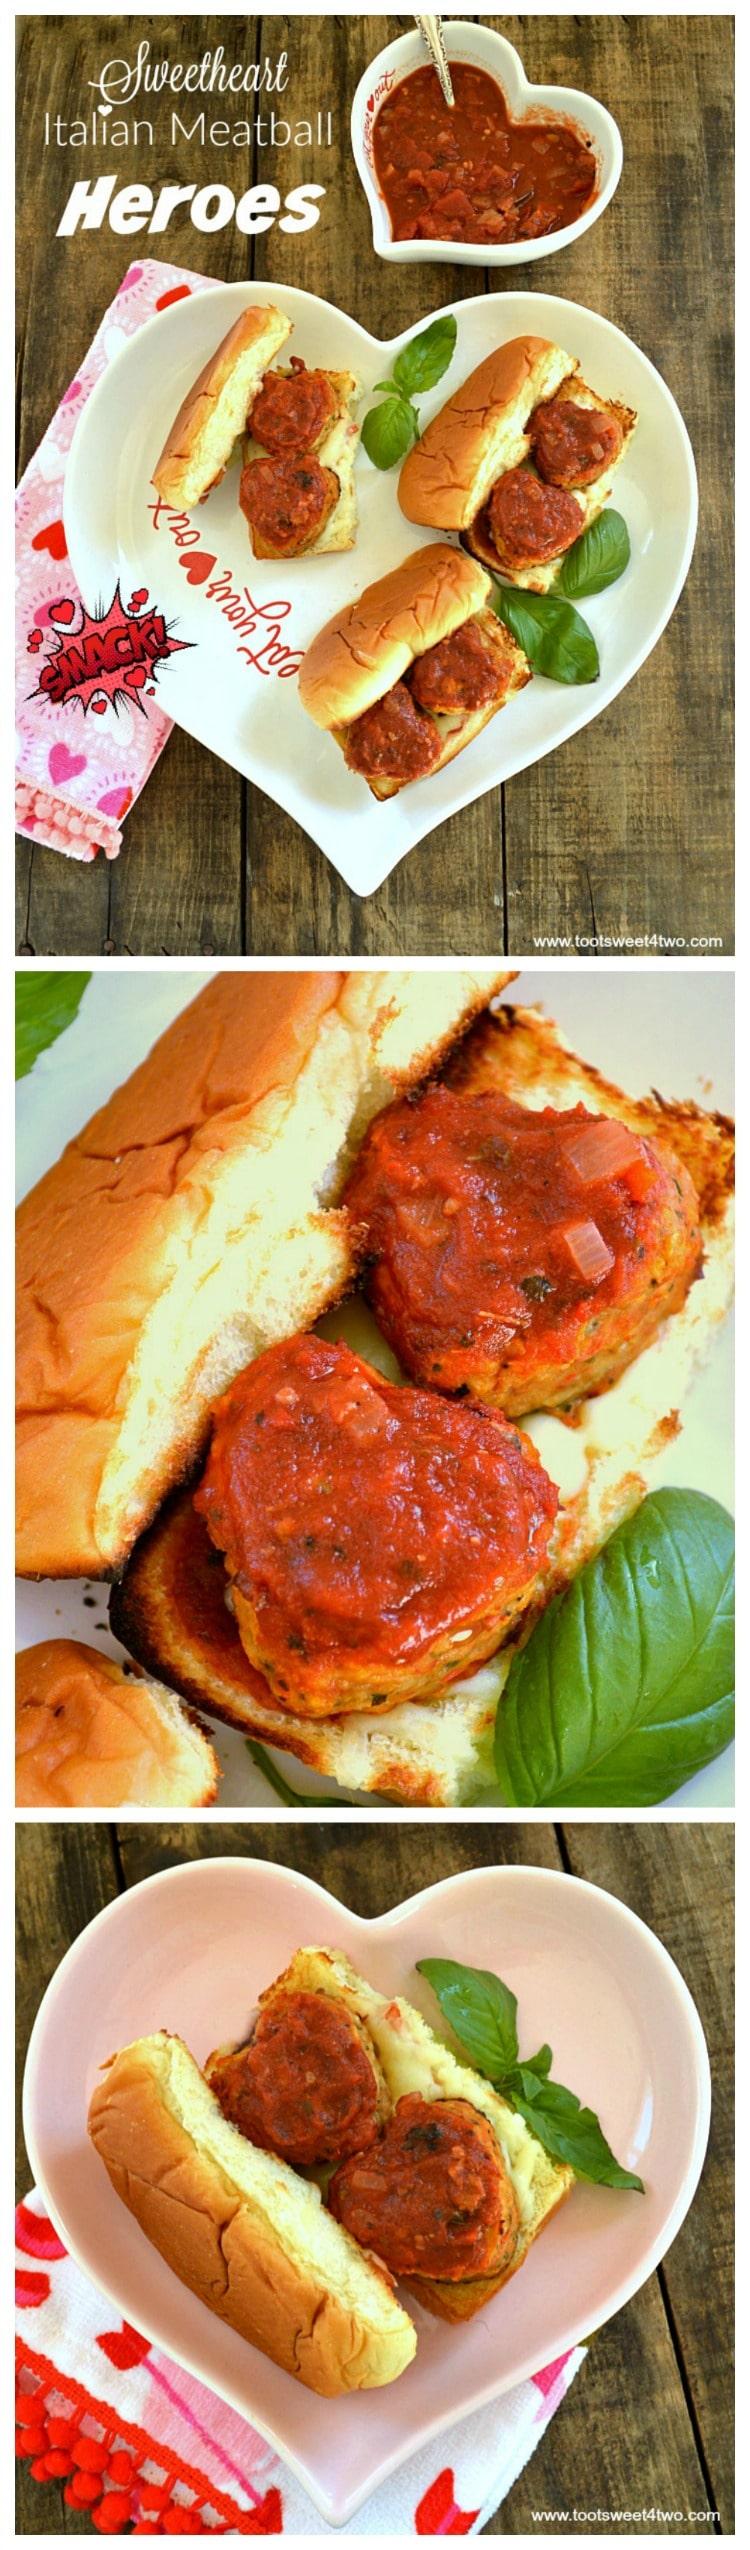 Sweetheart Italian Meatball Heroes collage